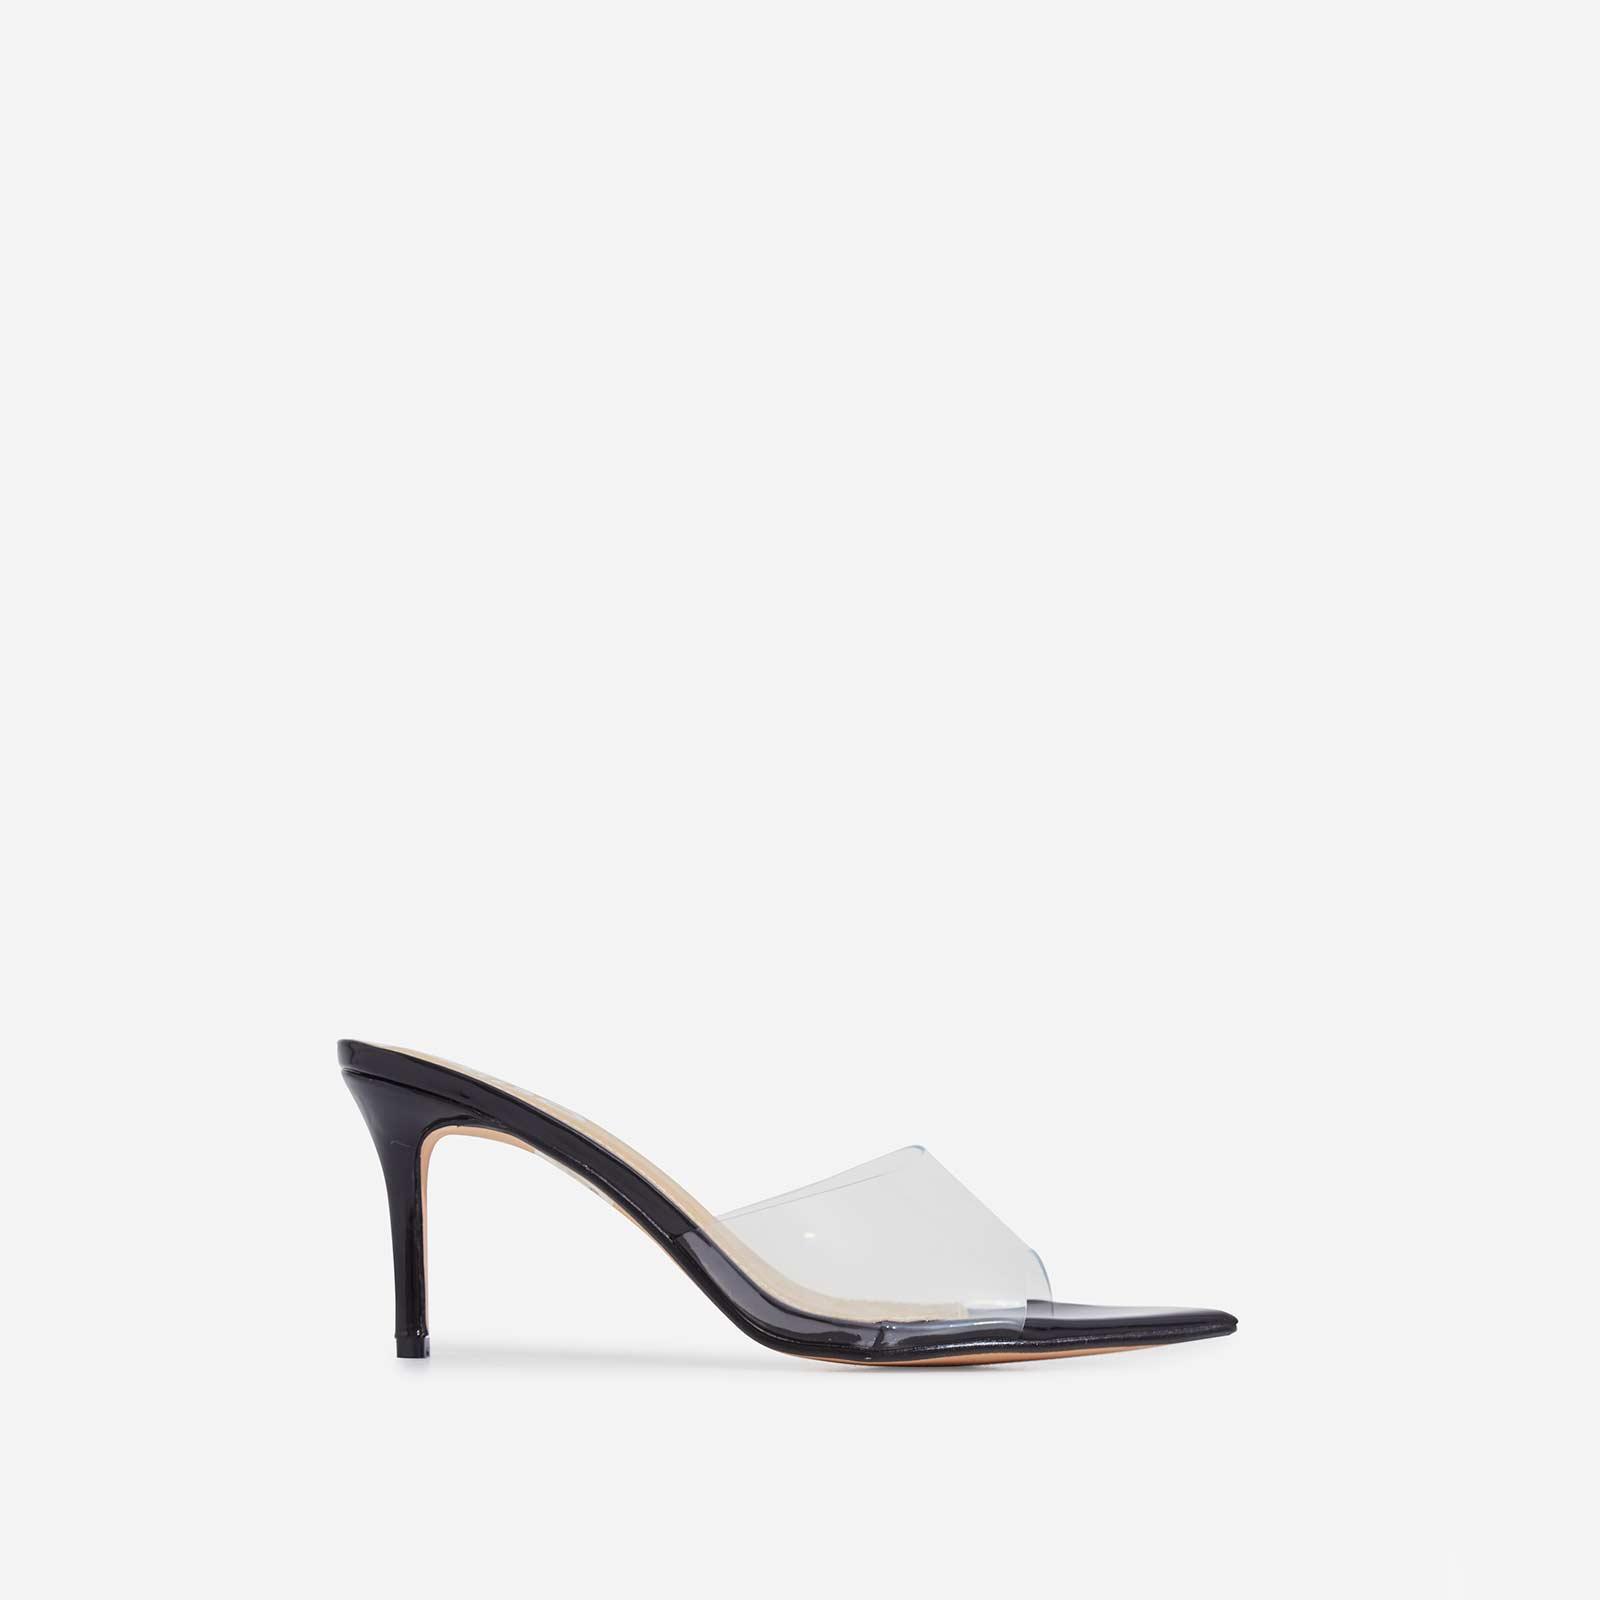 Maelle Pointed Peep Toe Perspex Heel Mule In Black Patent